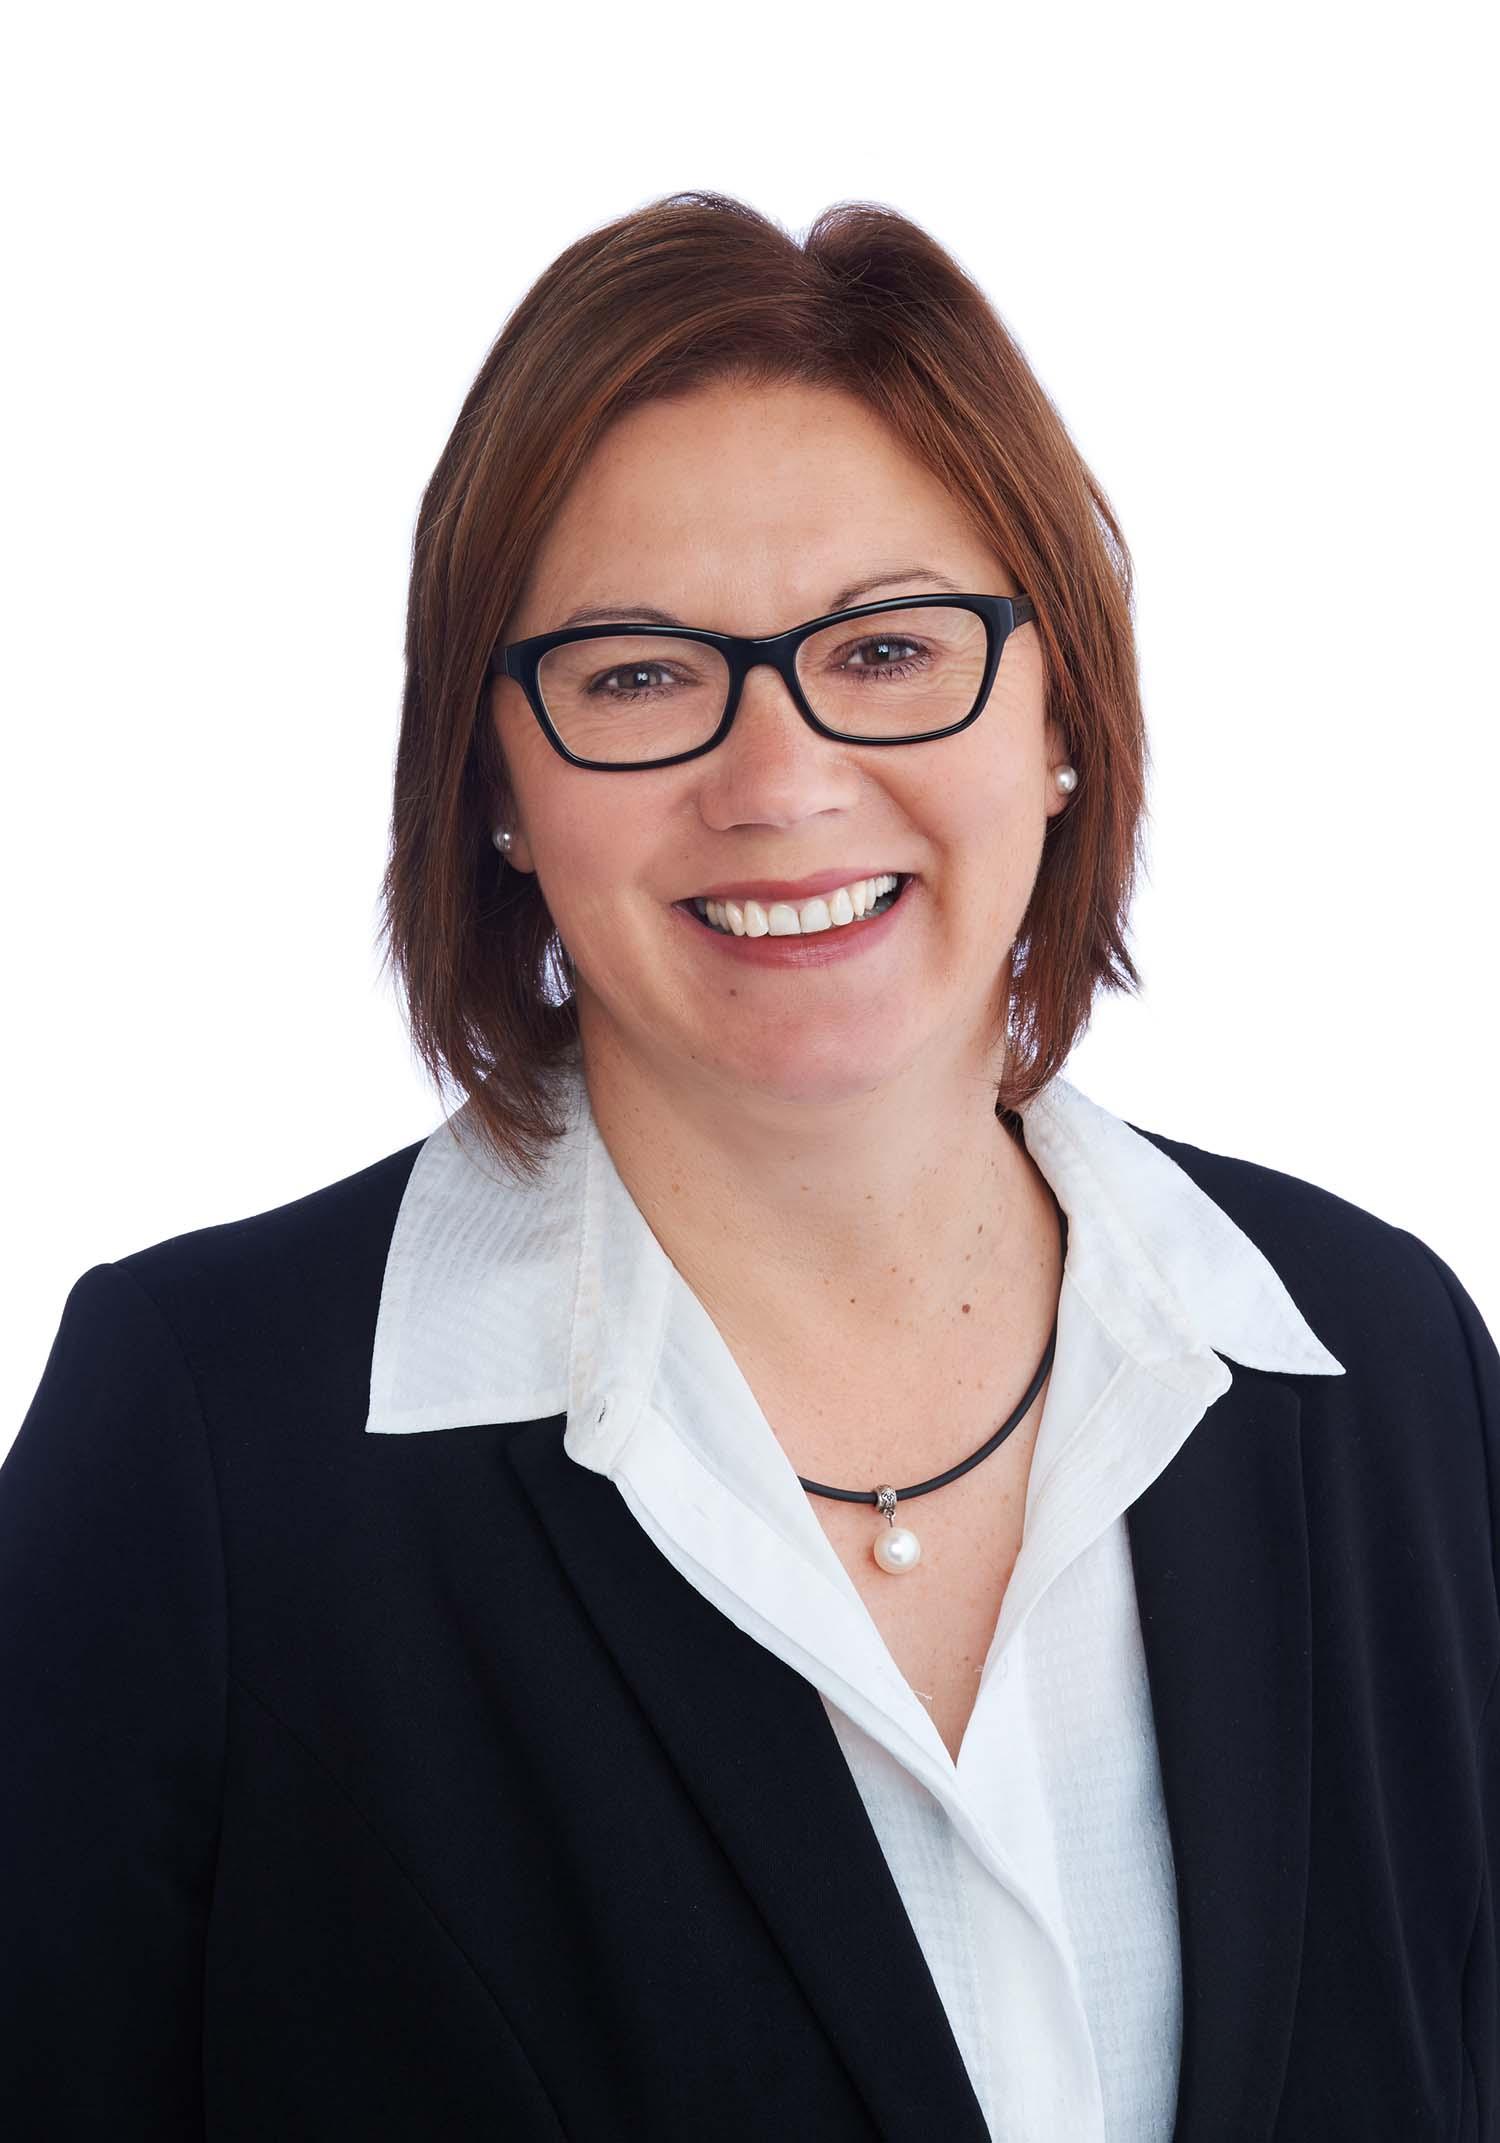 Kathleen Mier